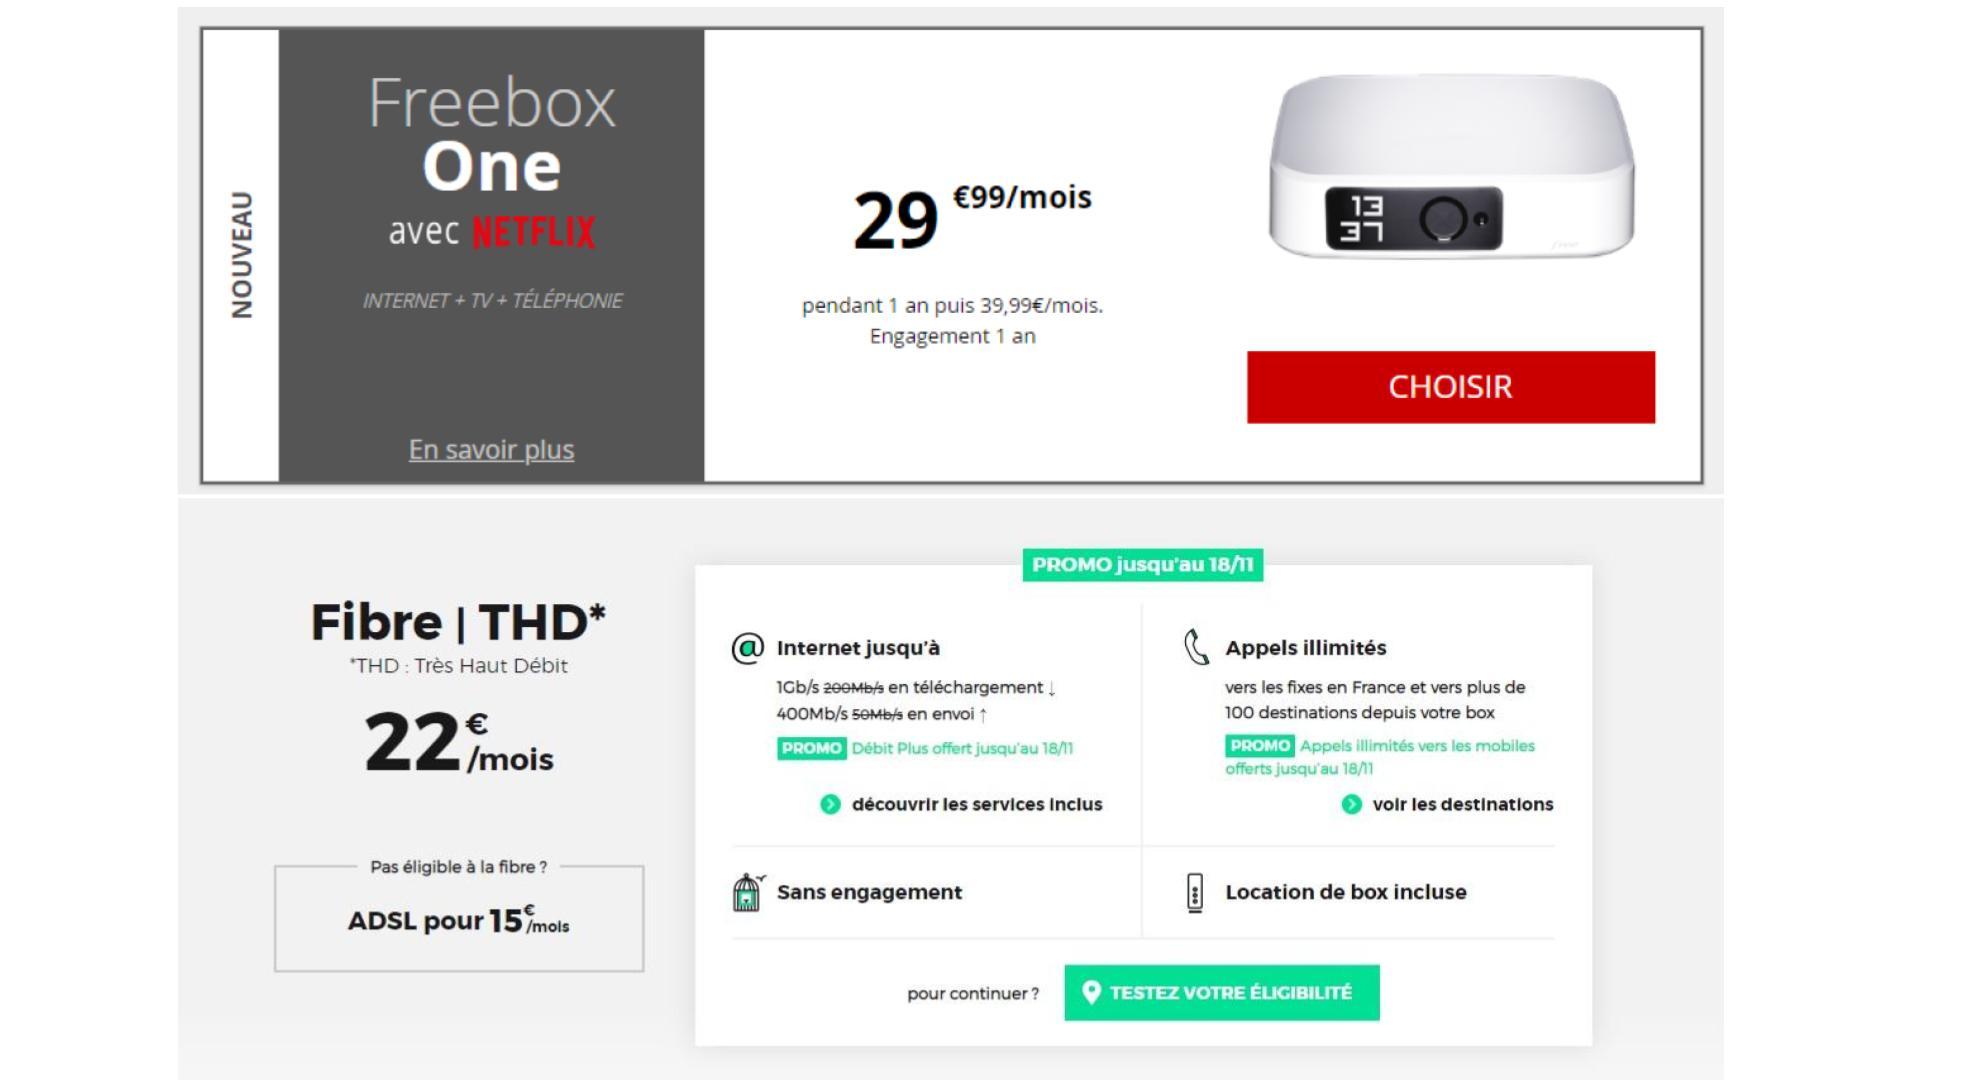 Box RED ou Freebox One : quelle est la meilleure offre à 1 Gb/s ?